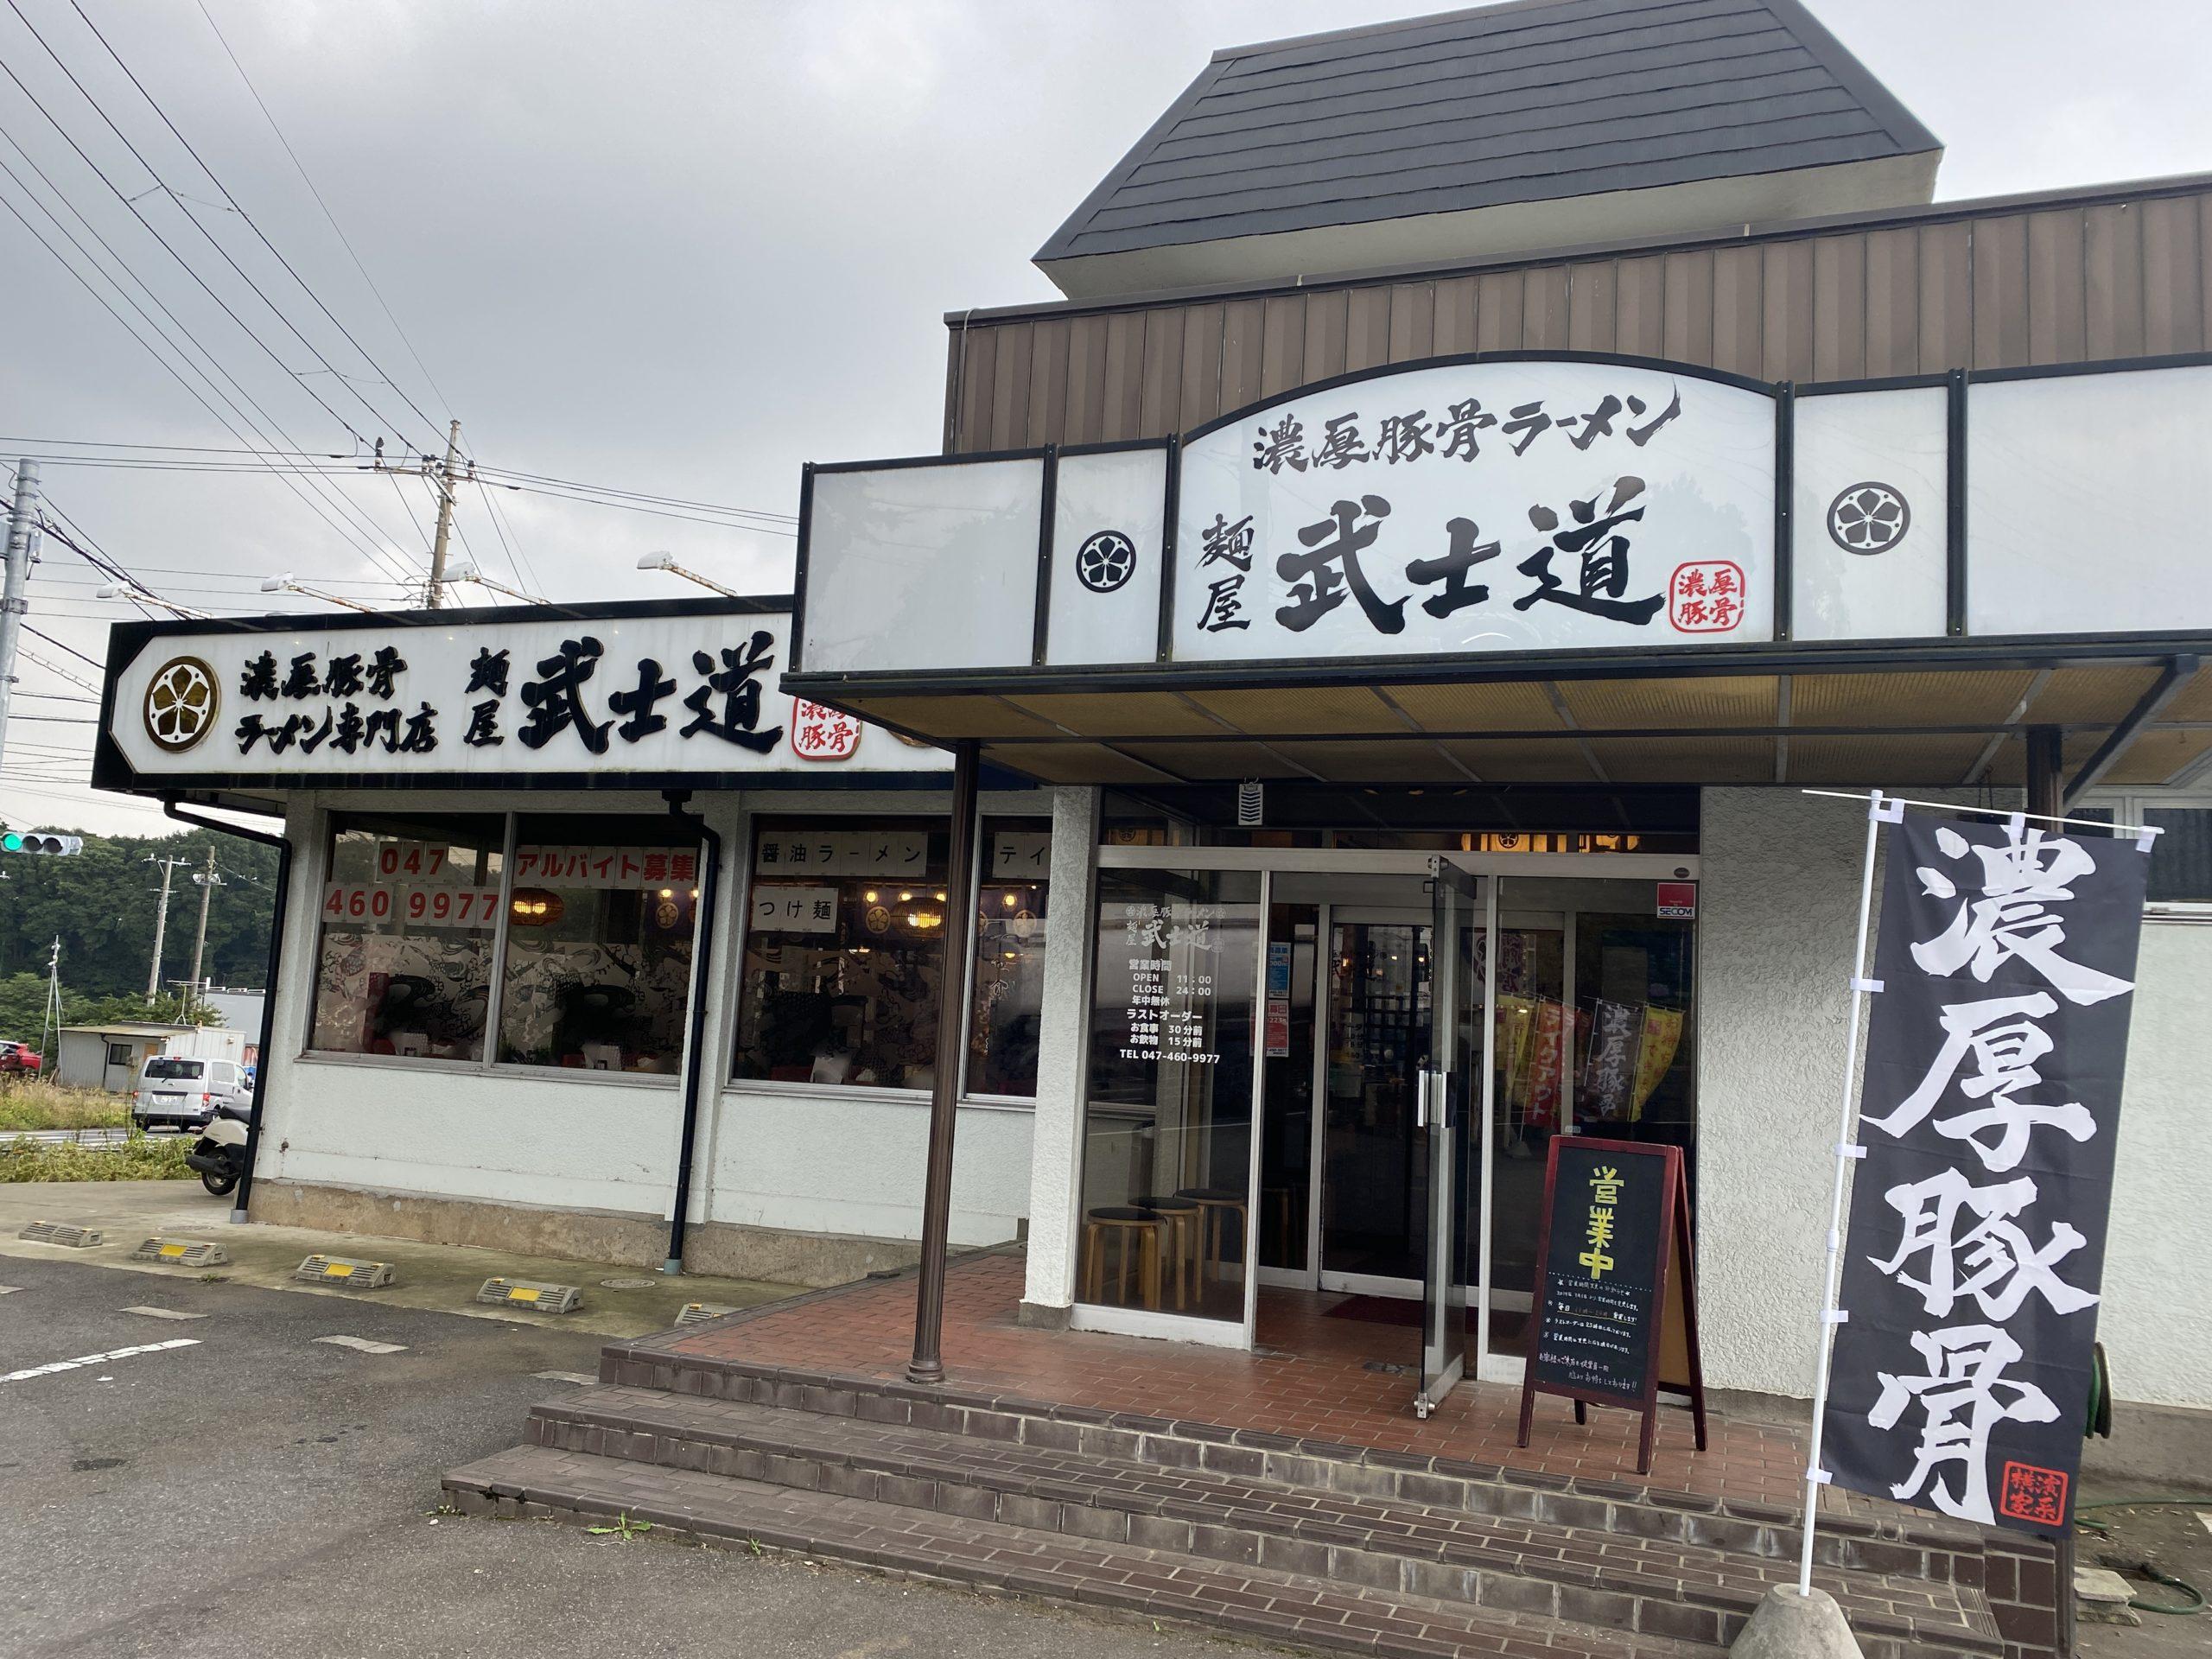 武士道船橋店